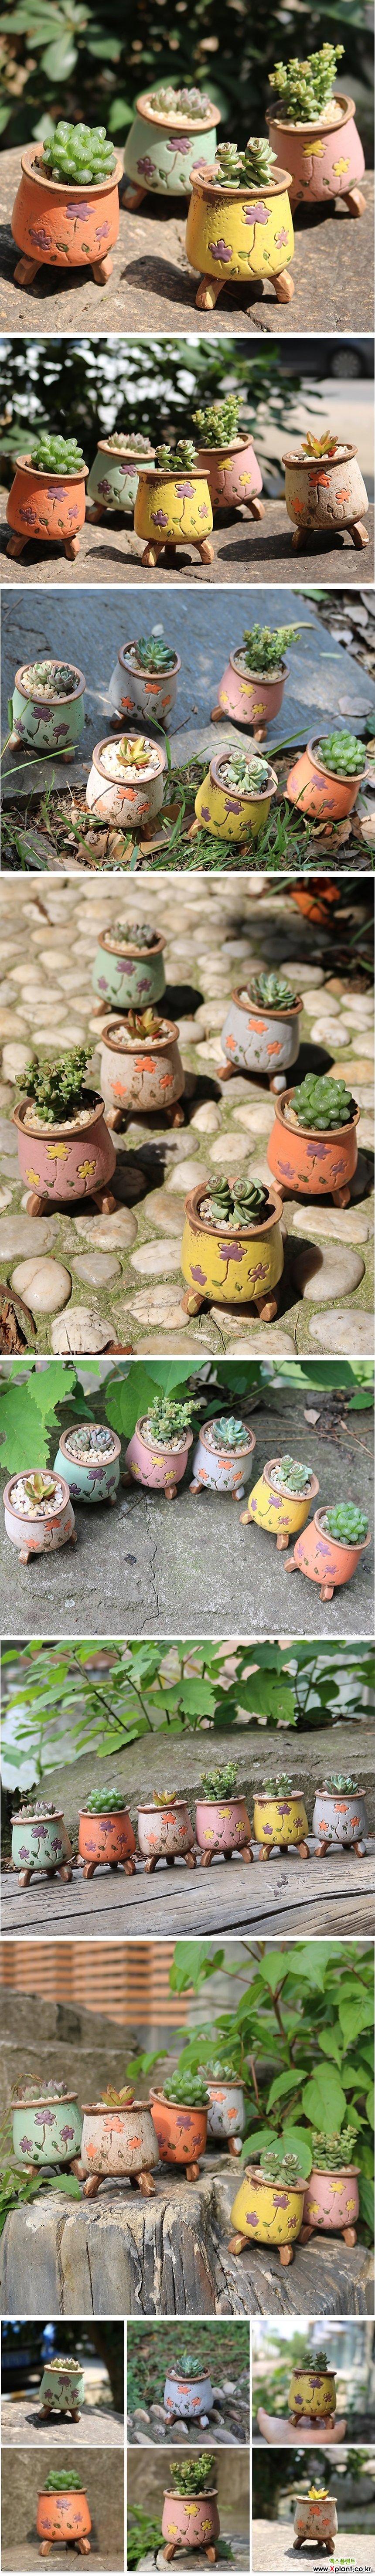 [페어리/팬지] 다육이화분 인테리어화분 수제화분 행복상회 행복한꽃그릇